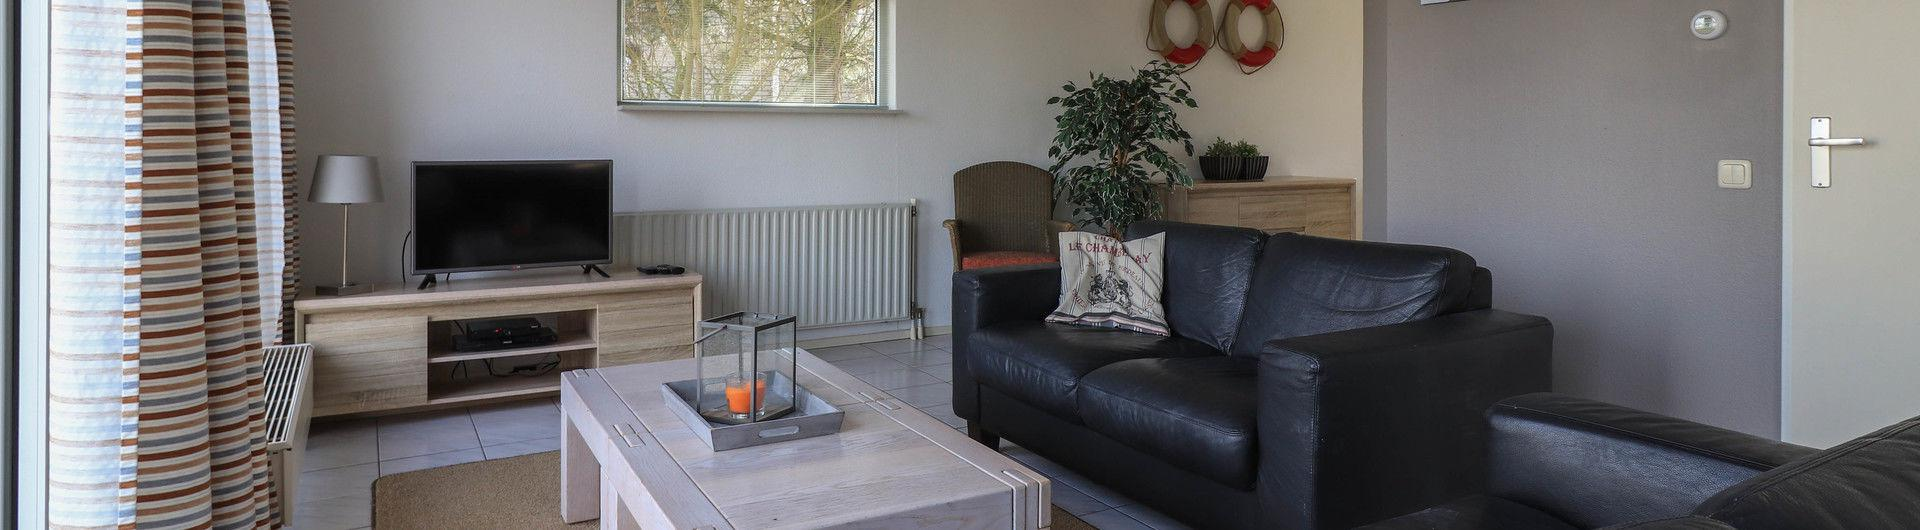 Interieur Solo bungalow 2